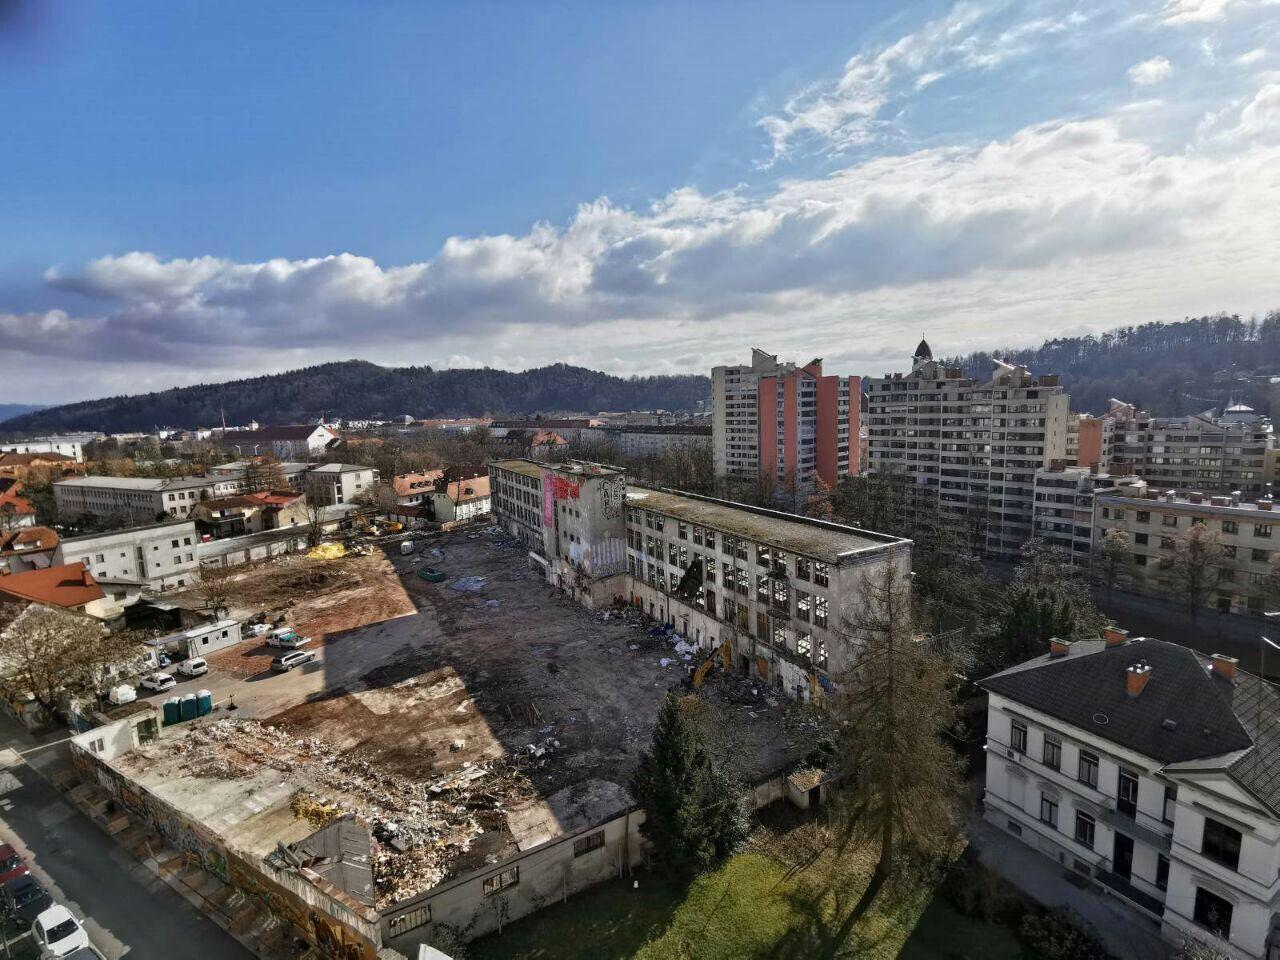 نمایی از ویرانه های پس از تخریب کارخانه خودمختار در Rog - عکس توسط Graziano Masperi